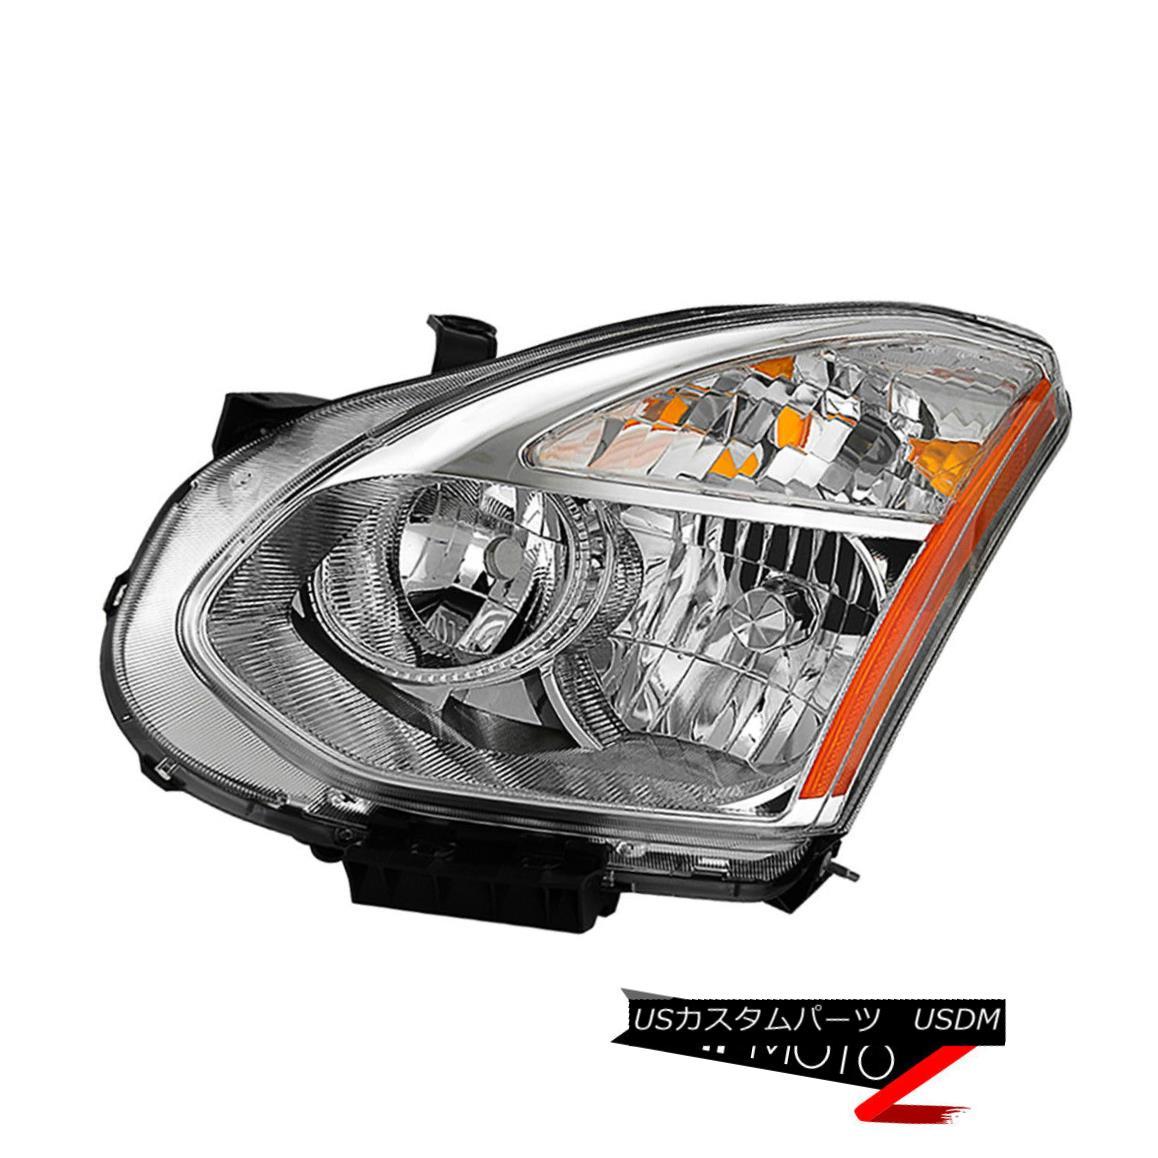 """ヘッドライト Driver Side """"Factory Style"""" Headlamp Replacement For HID 2008-2013 Nissan Rogue HID 2008-2013日産自動車のドライバーサイドファクトリースタイルヘッドランプ交換"""